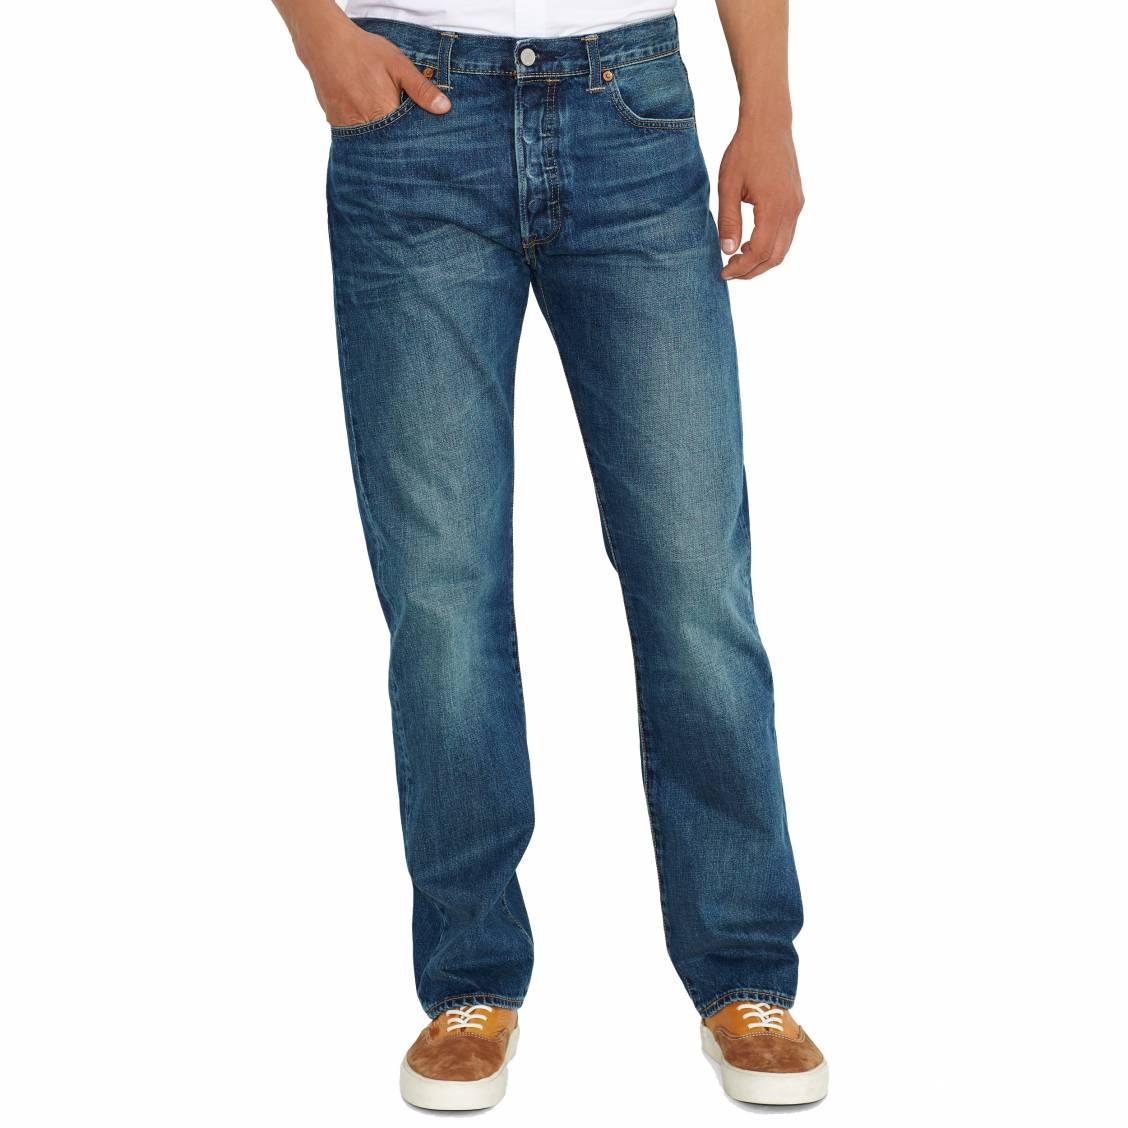 Jean Levi's 501 Original Fit Hook. JeanLevi's®- Coton (100%)- Teinte Bleue- 5 poches et 1 poche ticket- Braguette boutonnée à